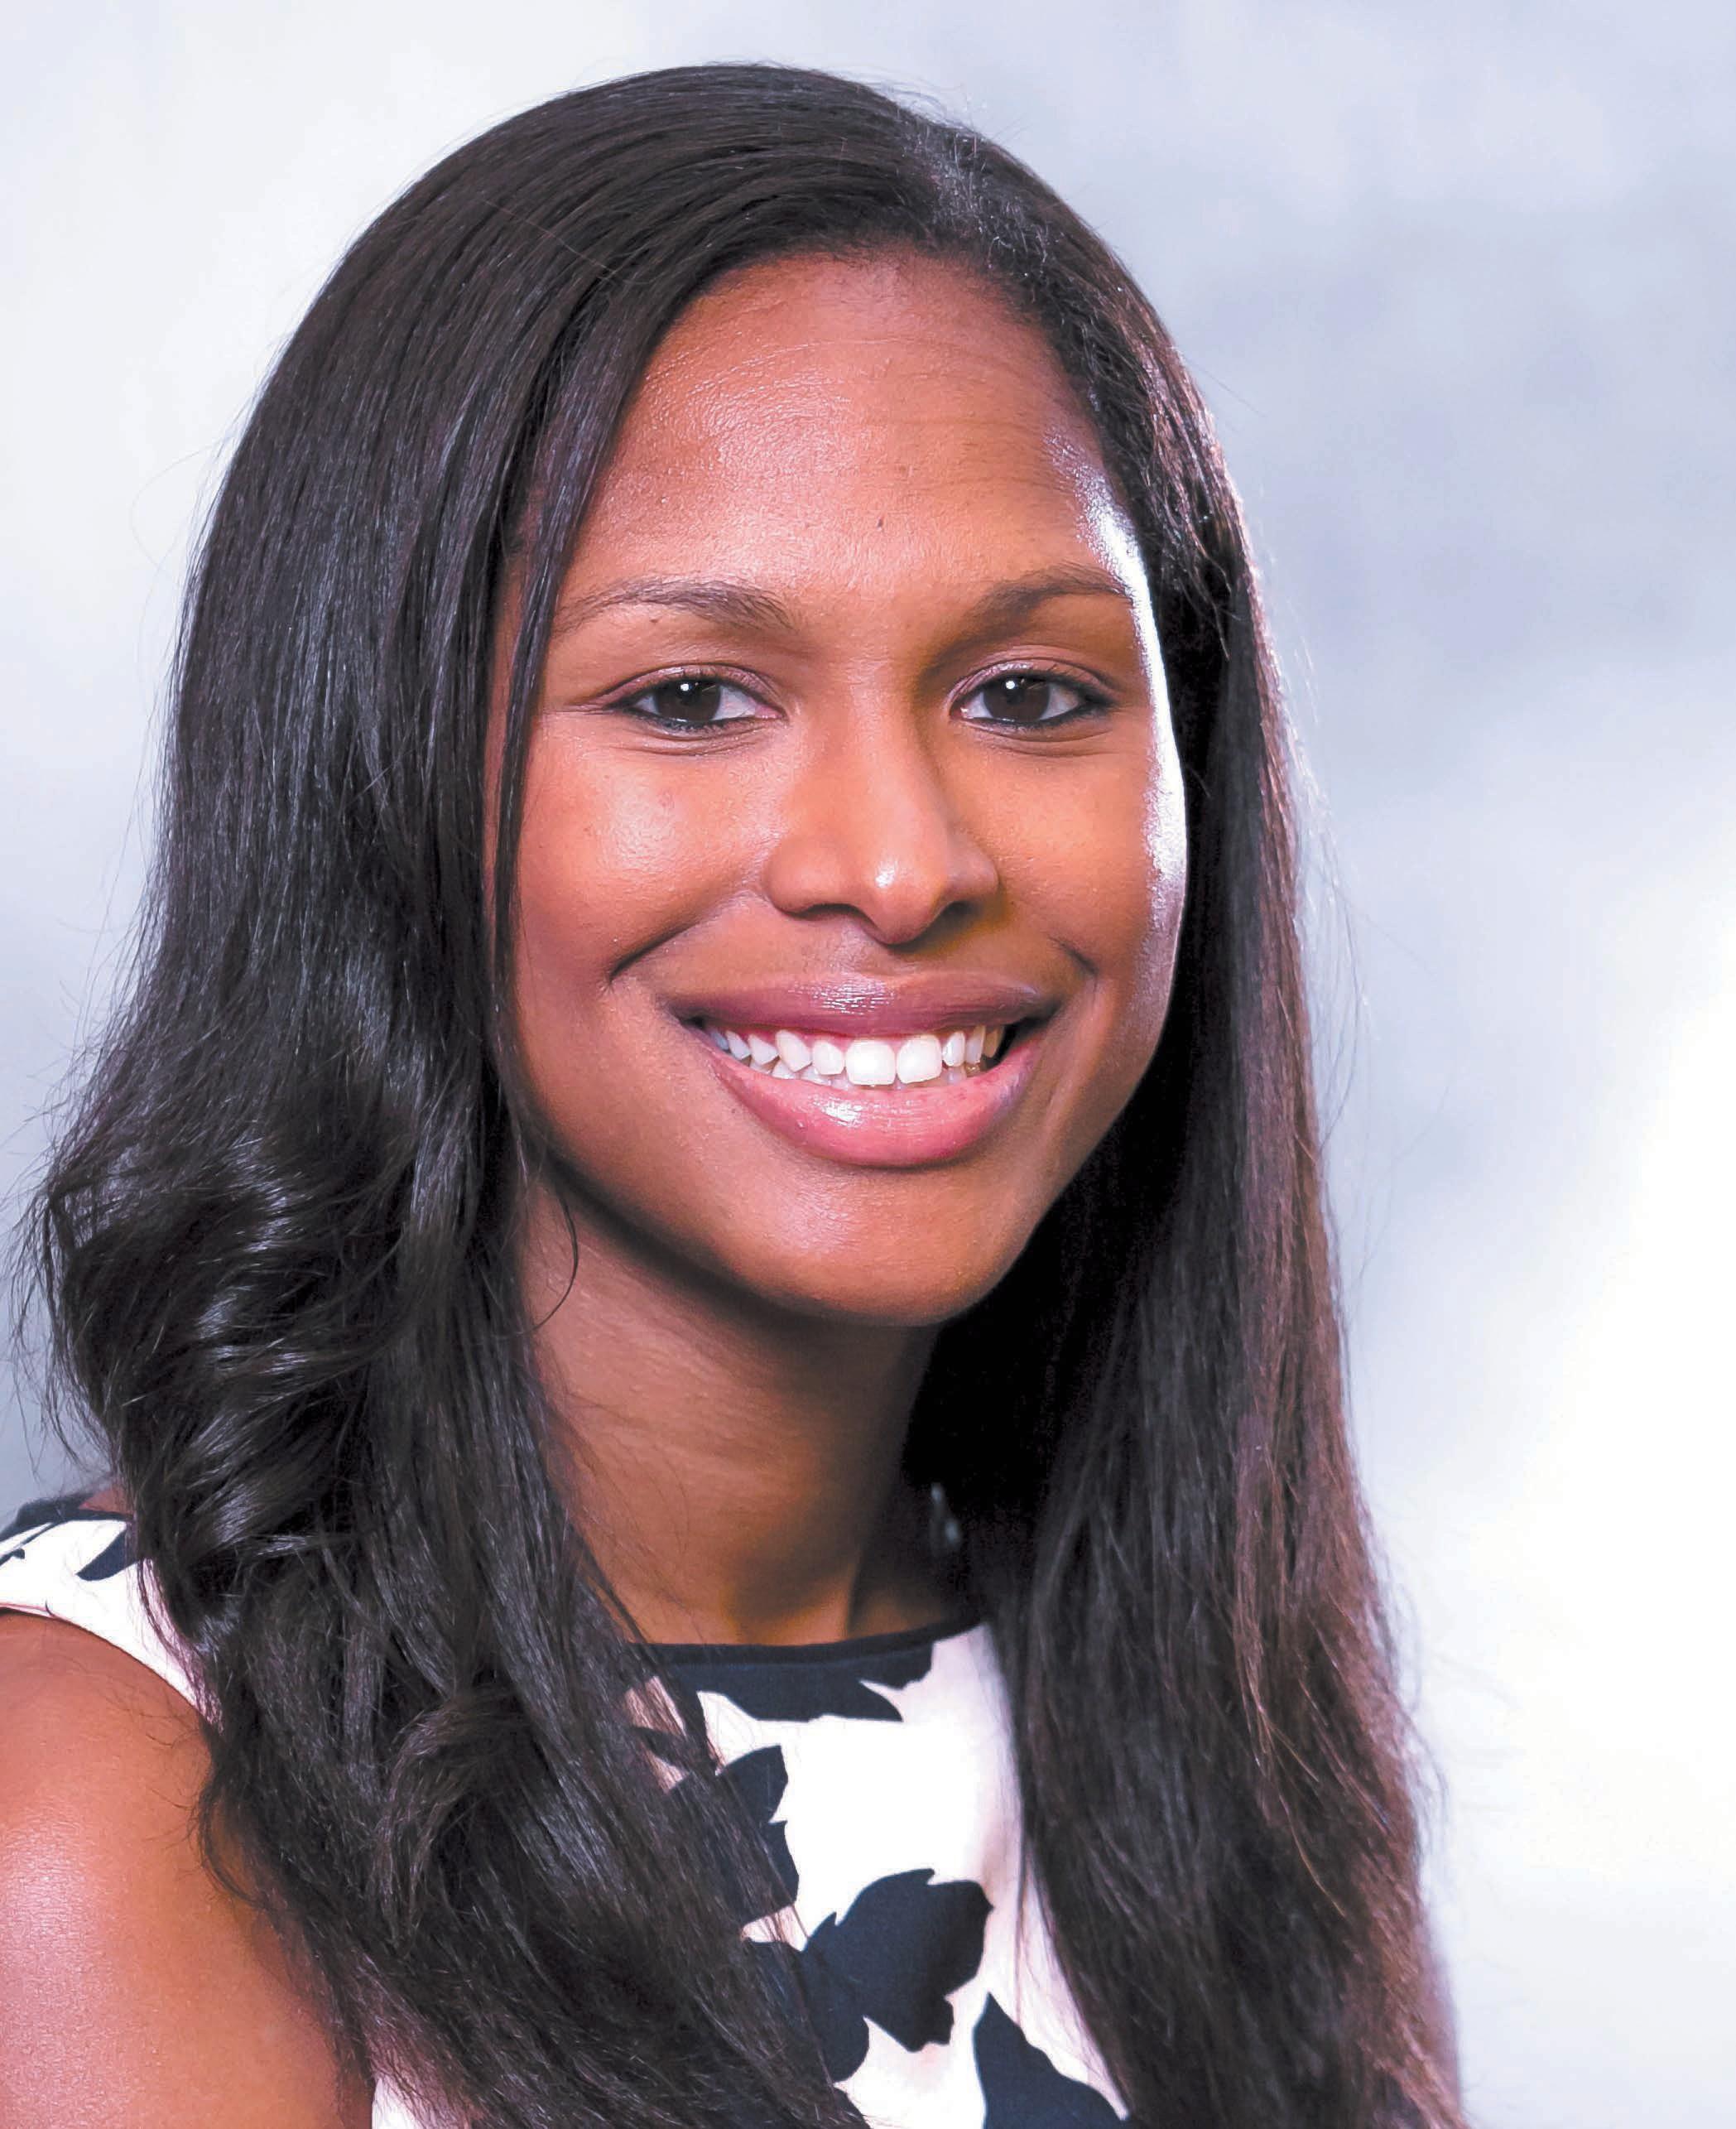 Dr. Lori M. Singleton